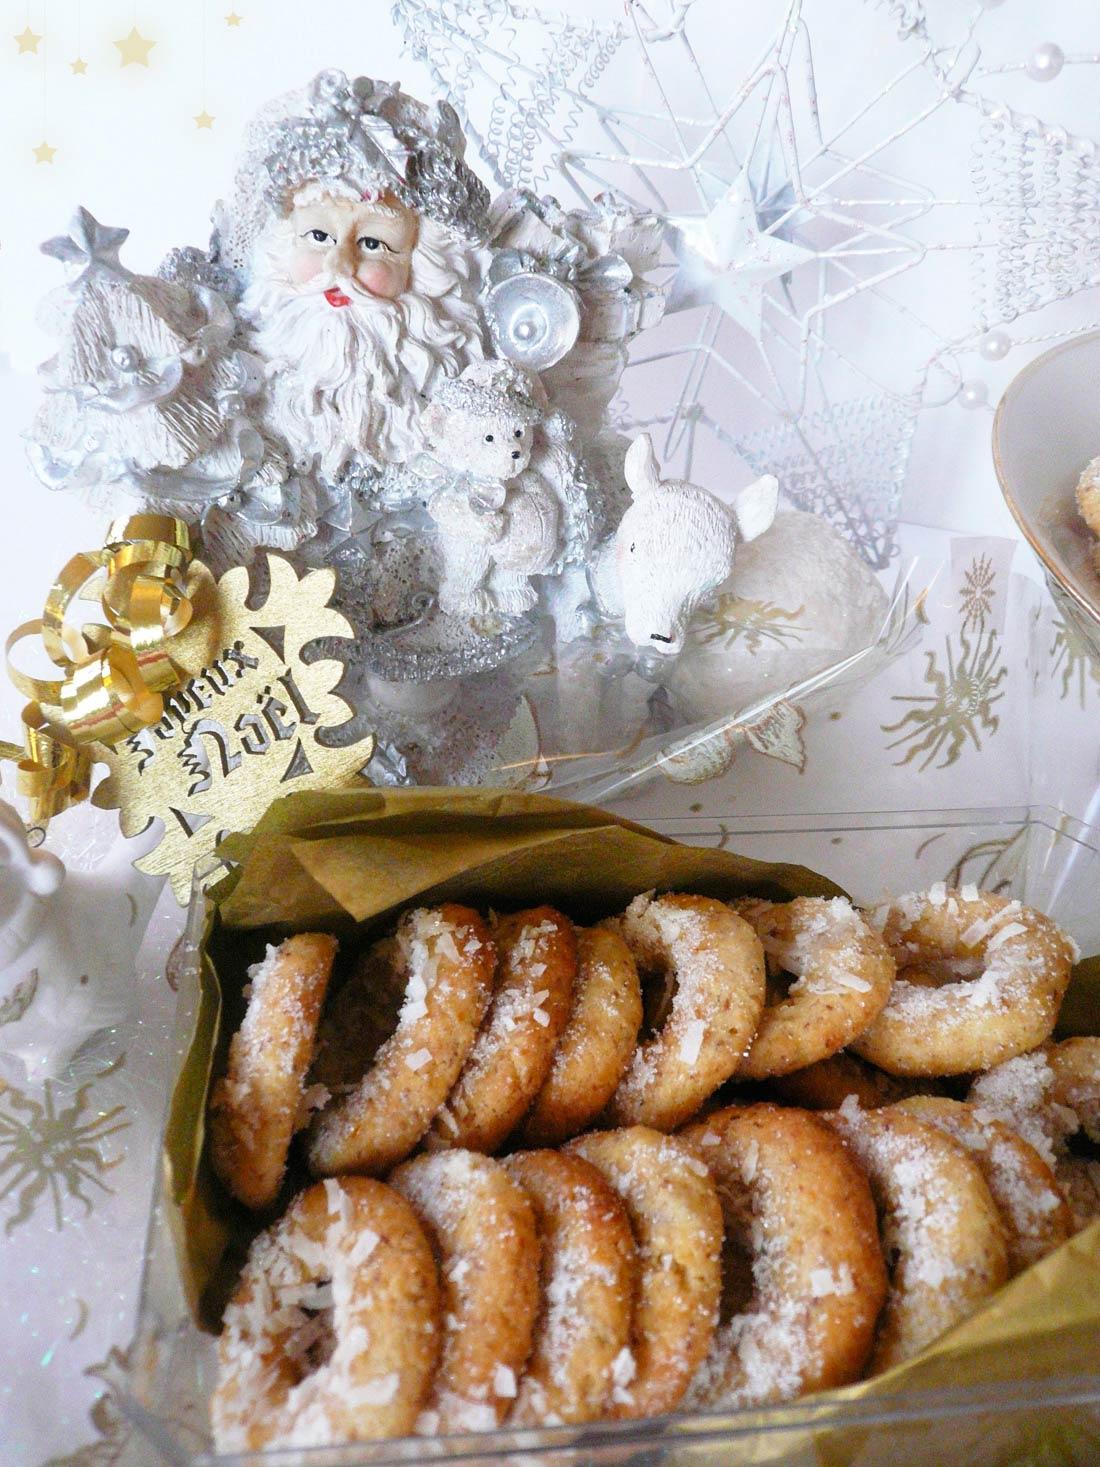 idée de cadeaux gourmands maison : sablés de Noël en habit de neige coco